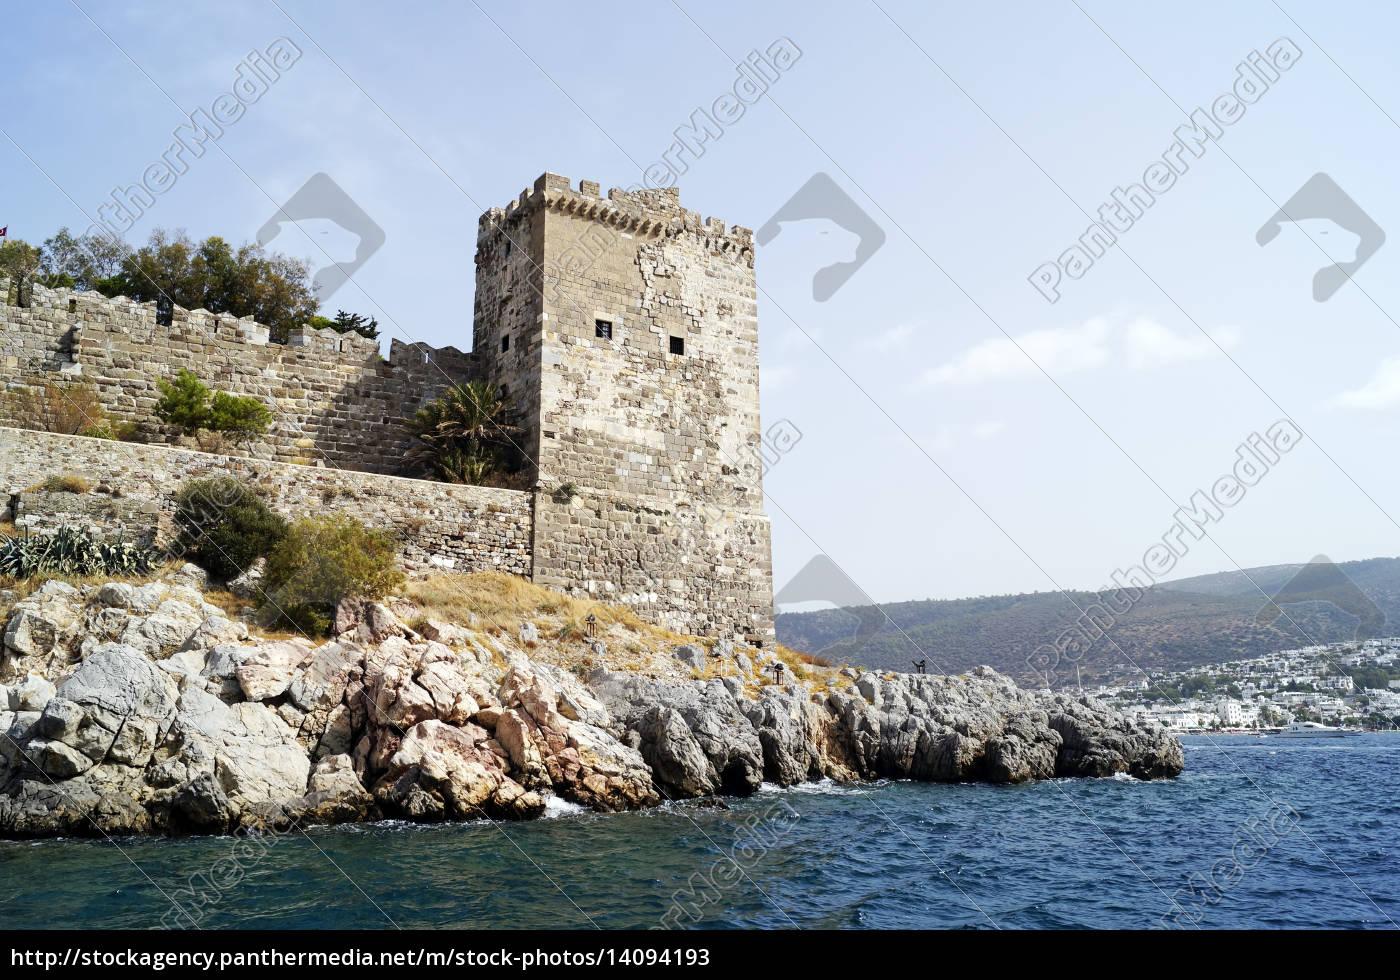 st, peter's, castle - 14094193